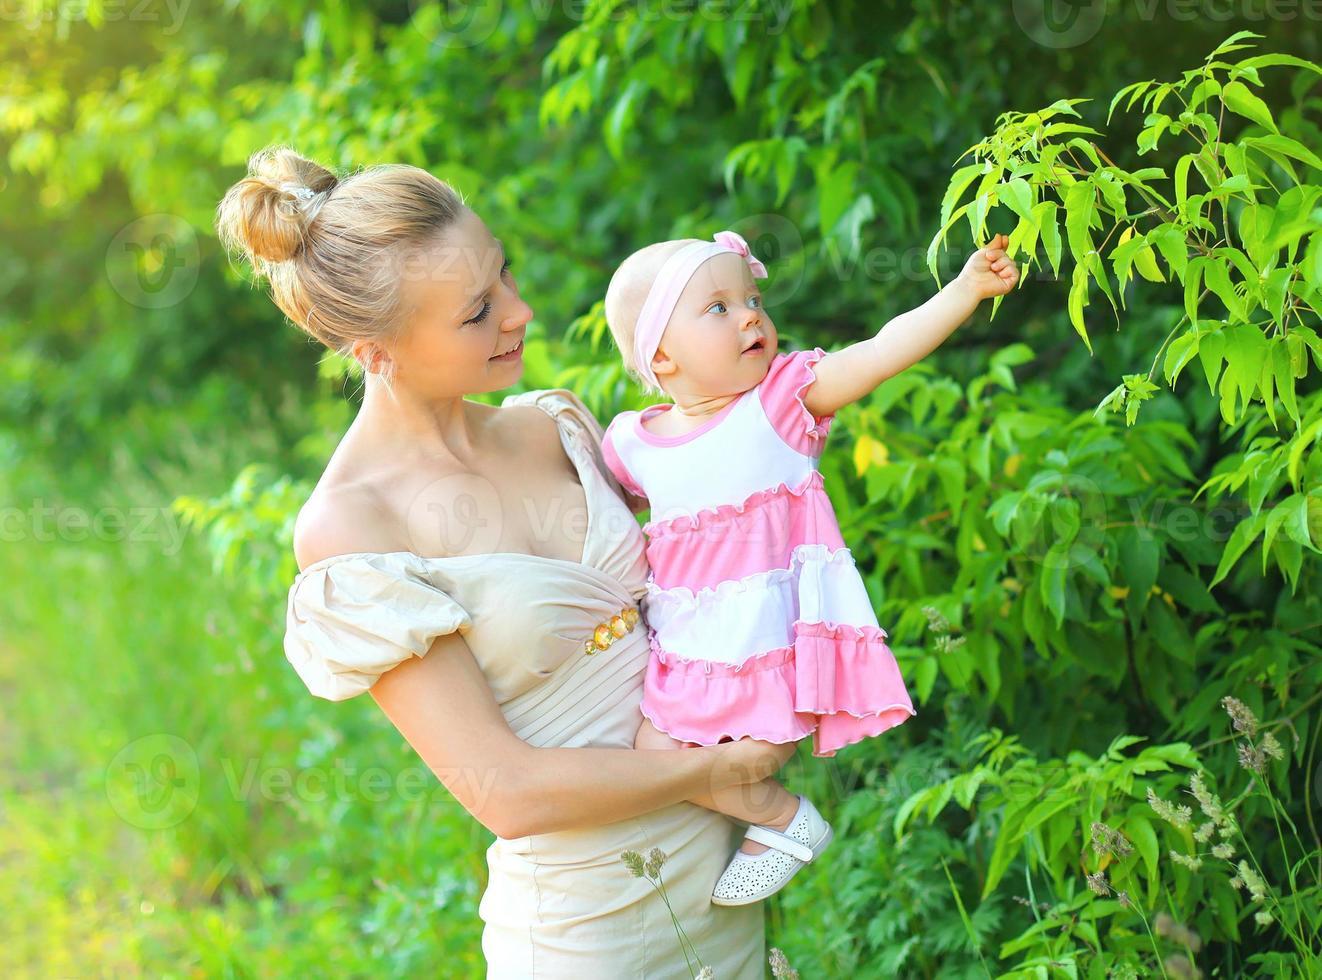 retrato de feliz jovem mãe e filha foto